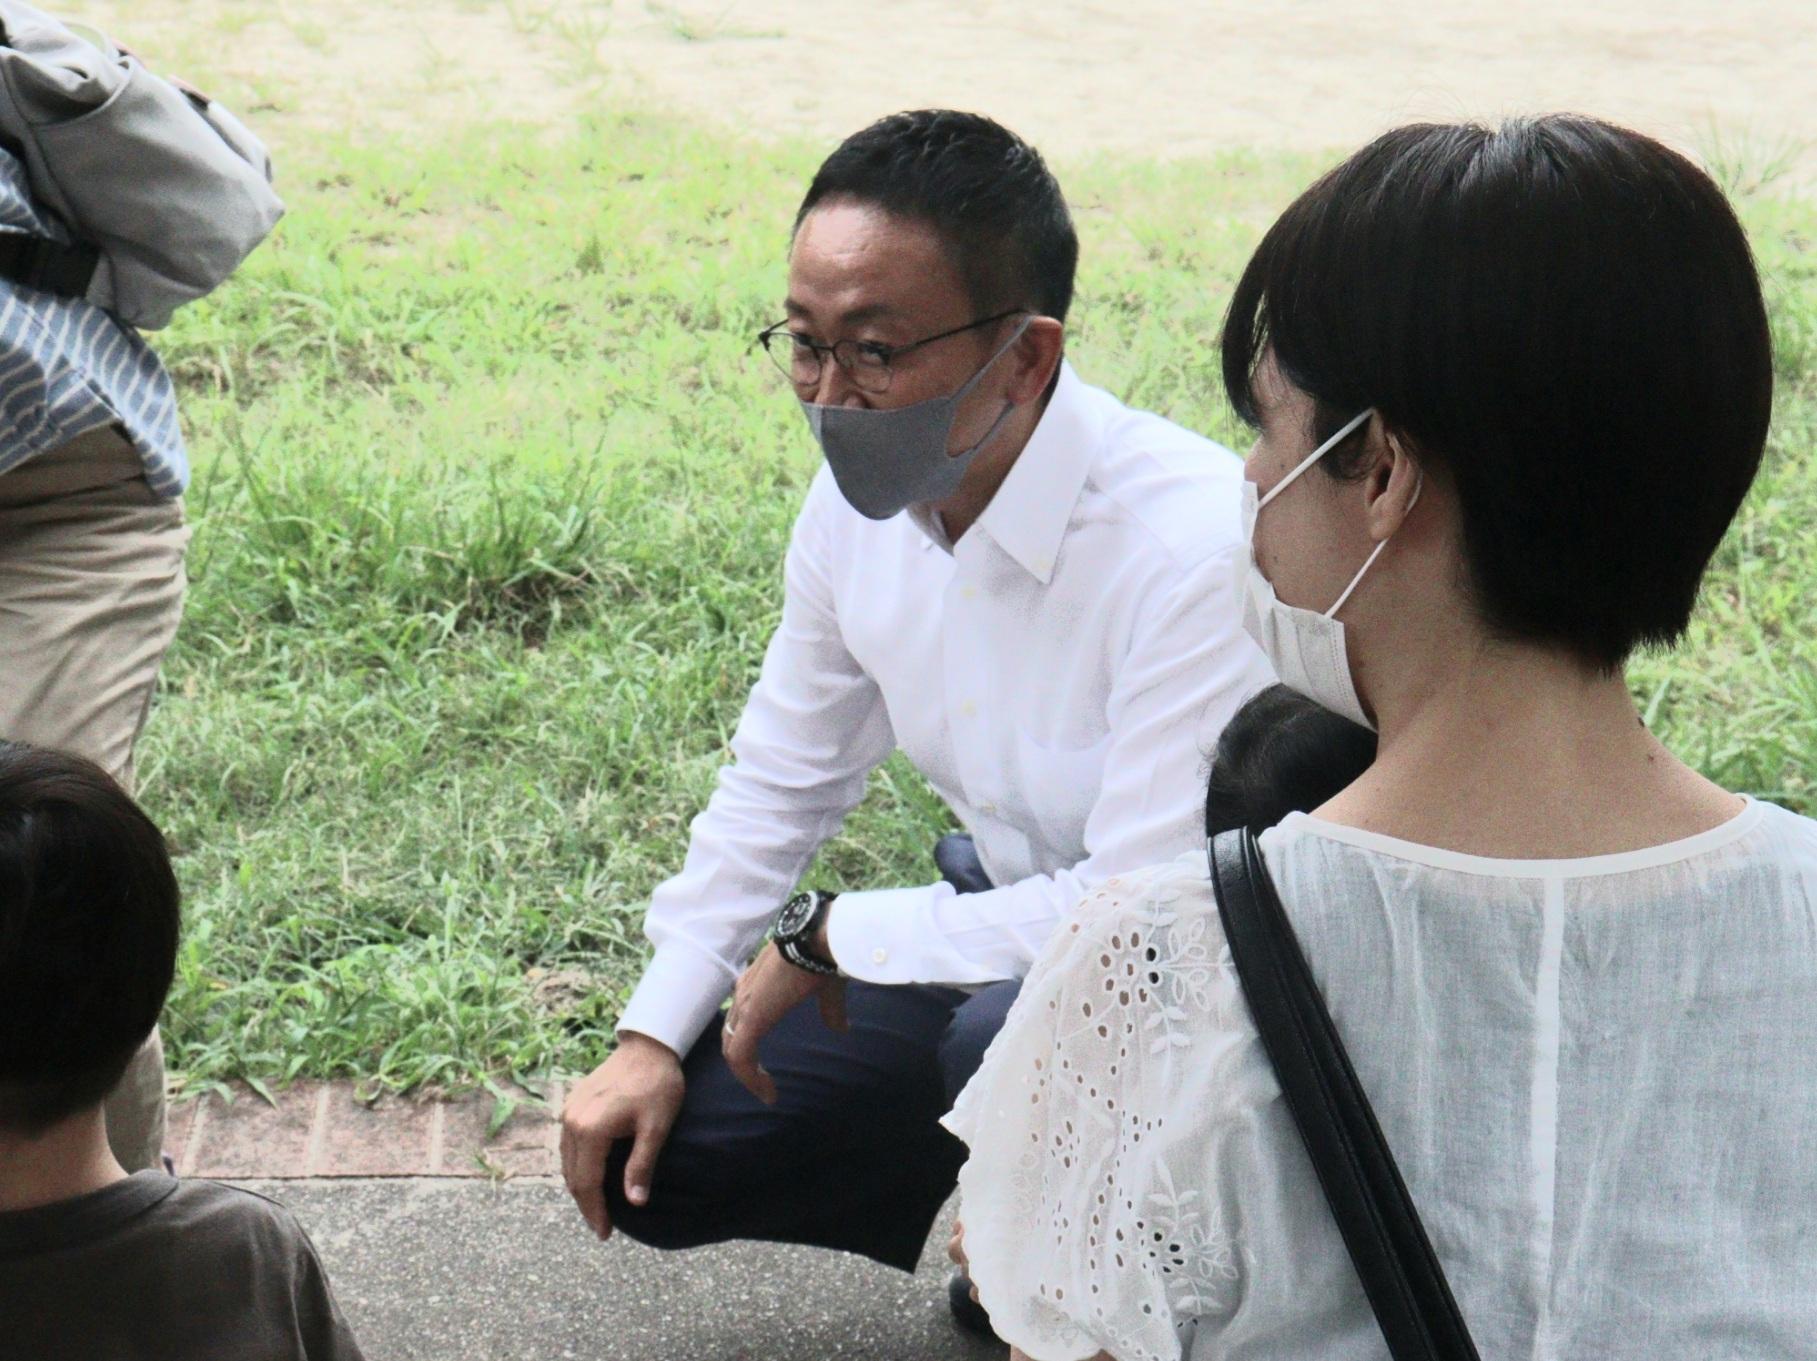 ご質問に答えますNO .3〜未来応援給付10万円、バラマキじゃないの??